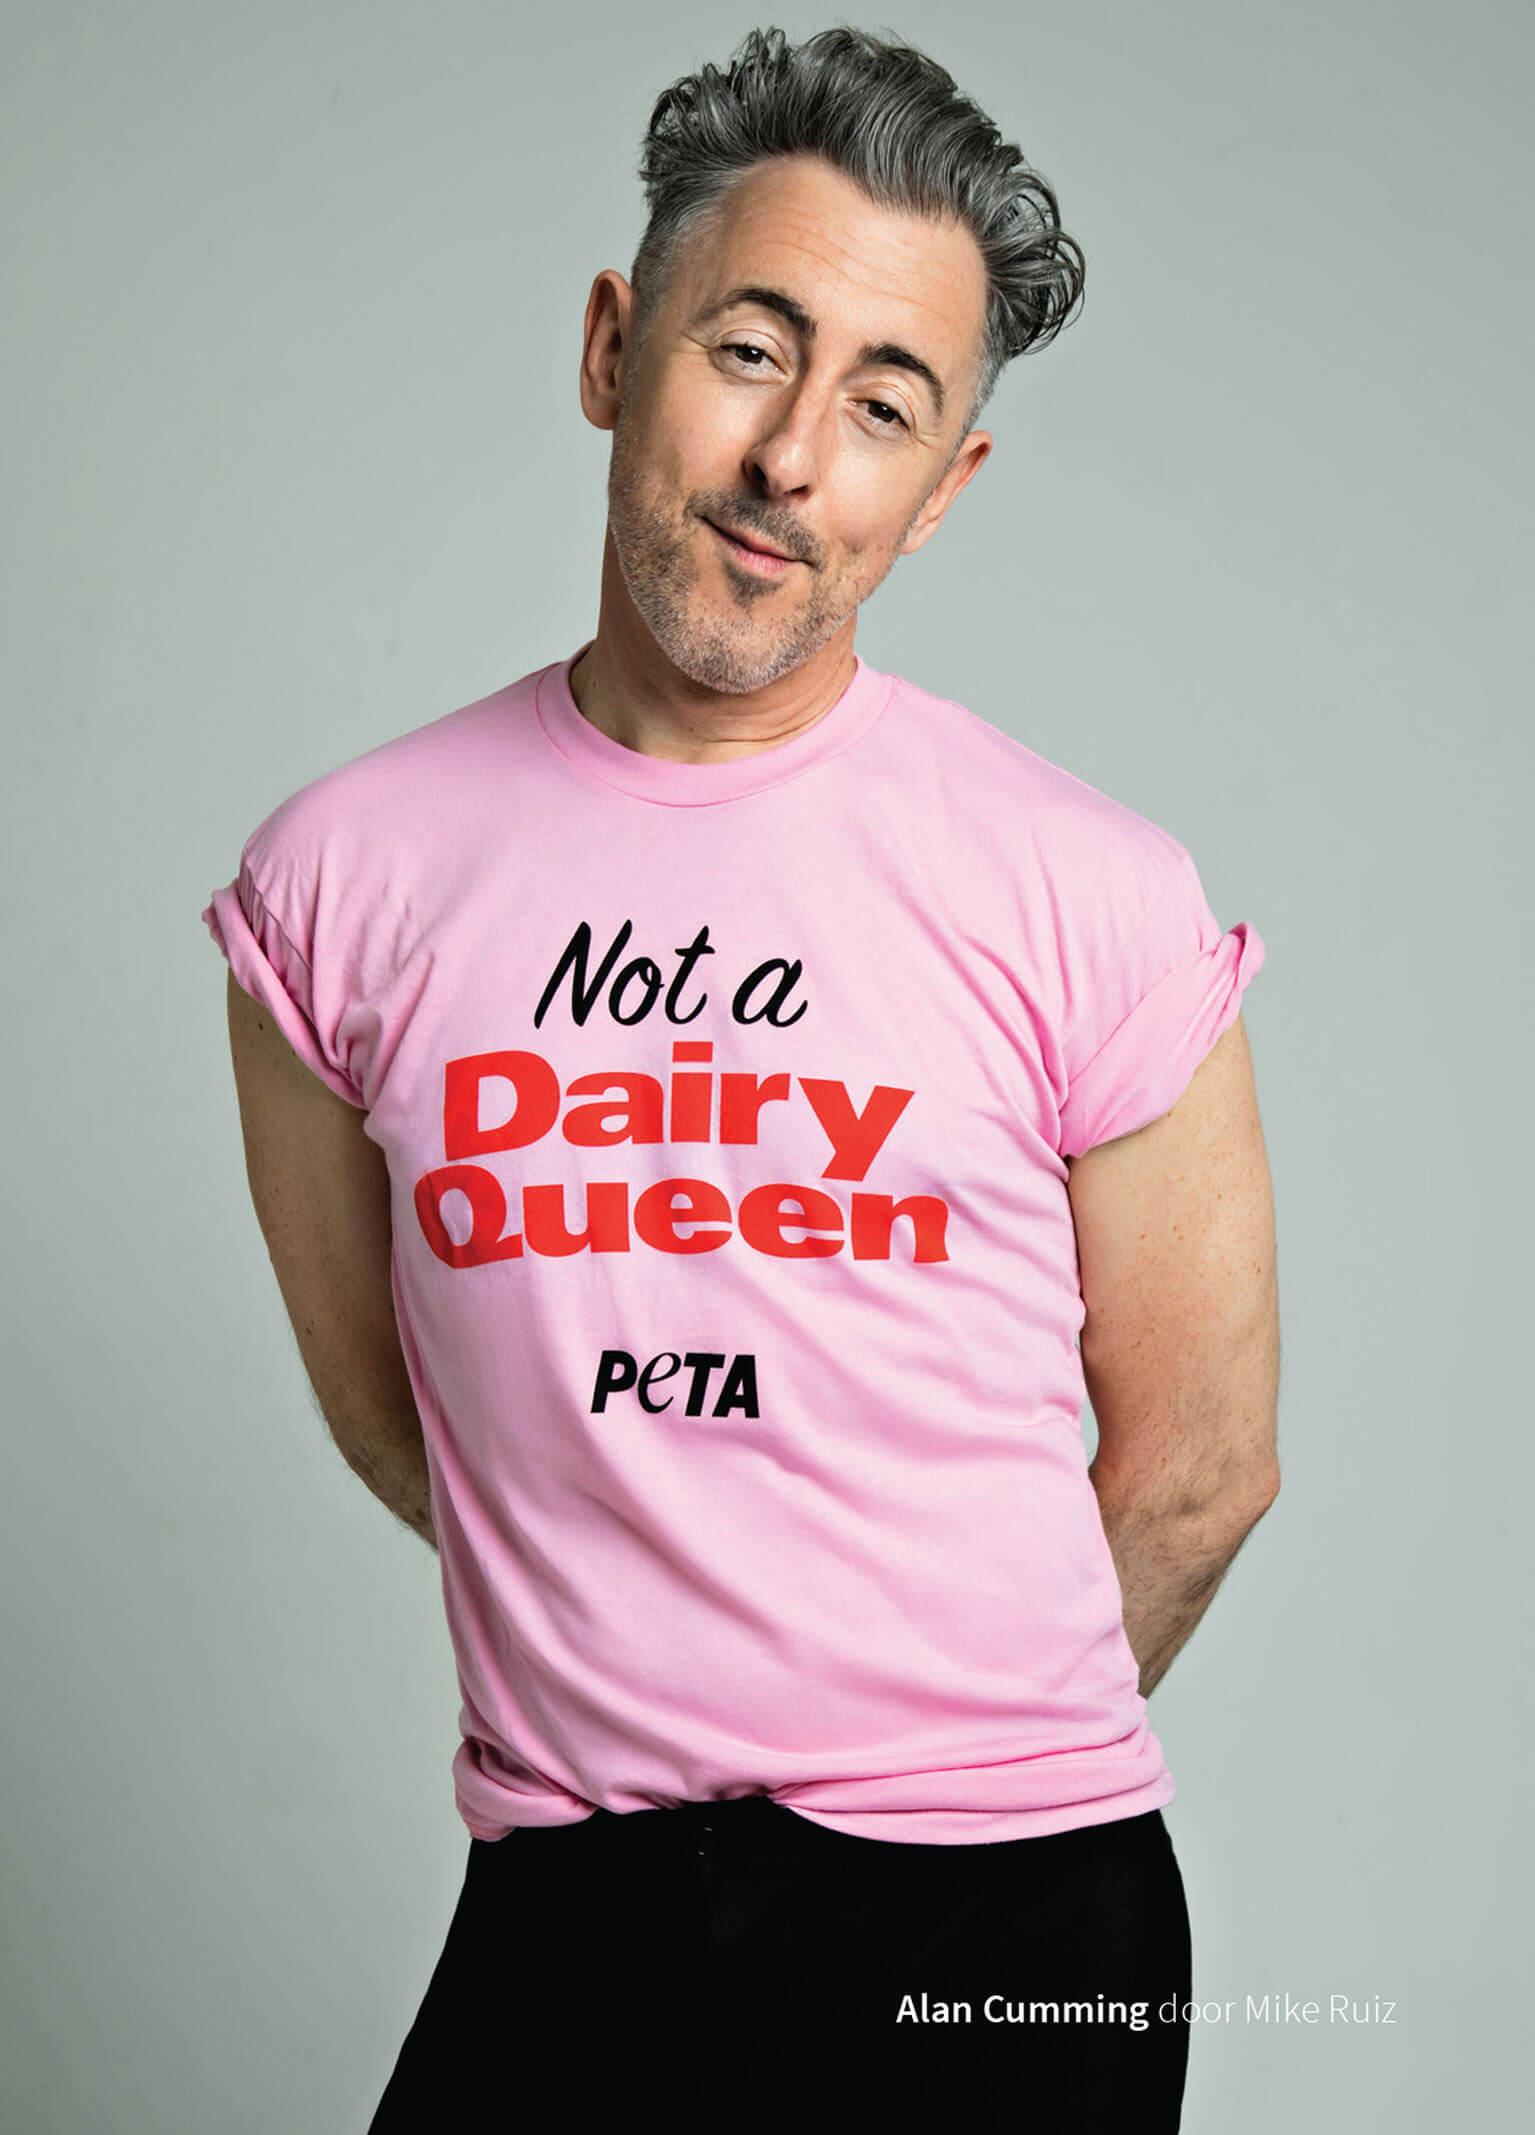 Geen 'Dairy Queen' – Alan Cumming maakt een statement deze Pride